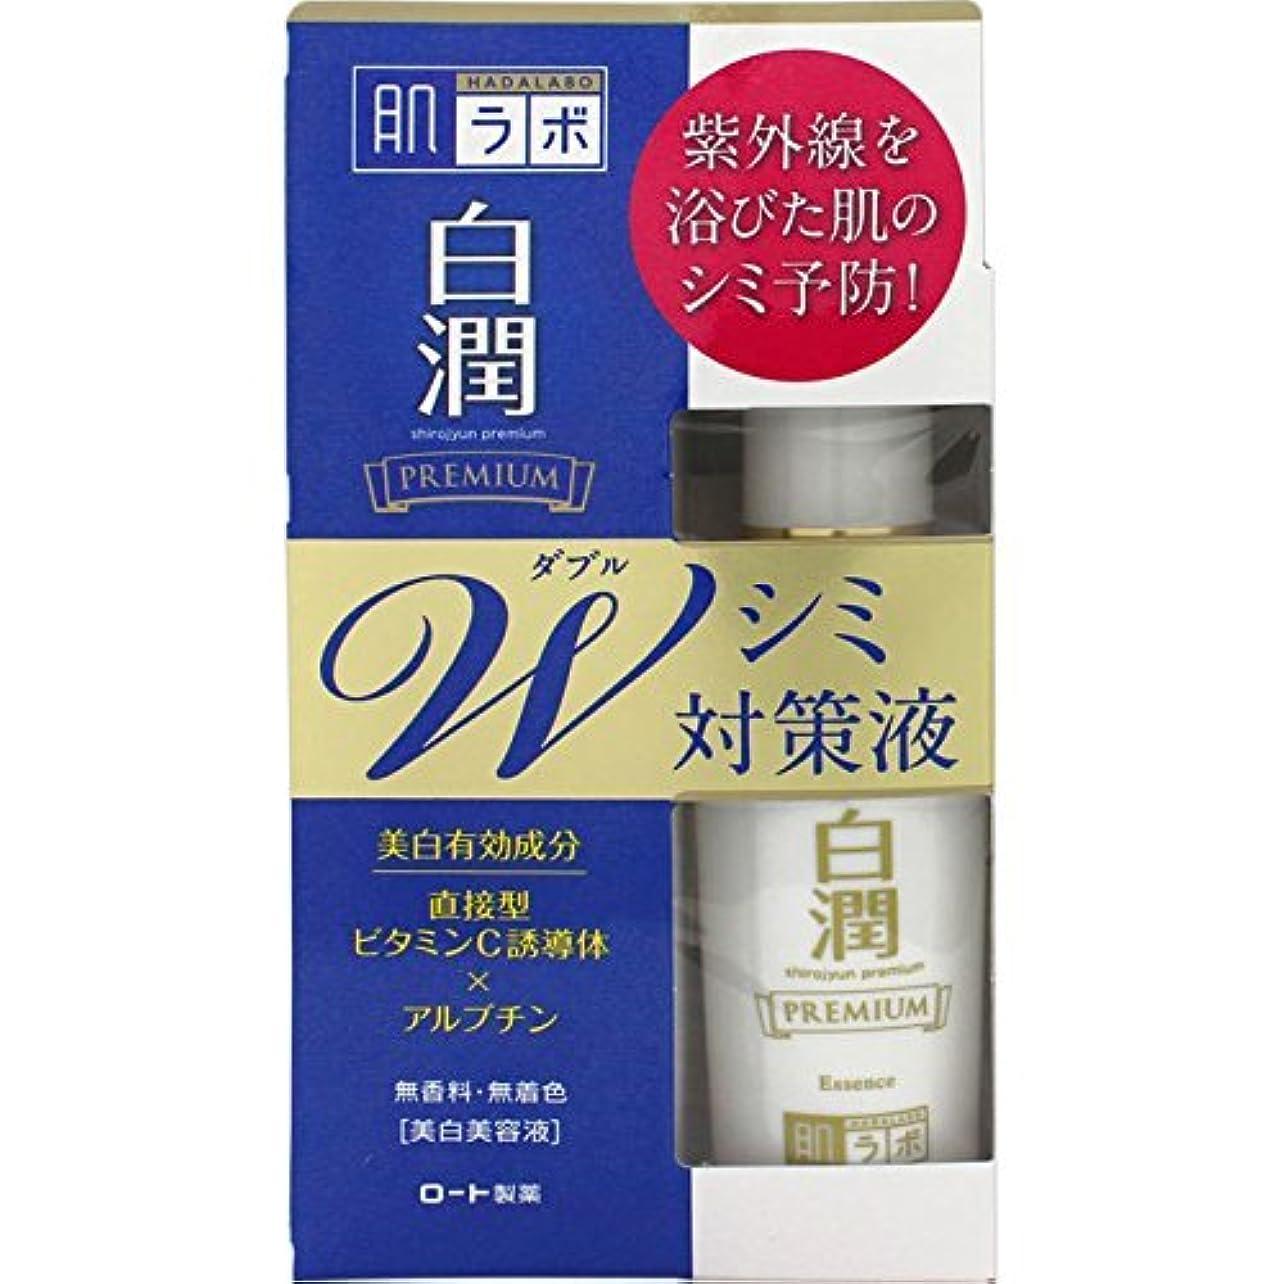 ピン支出アナログ肌ラボ 白潤 プレミアムW美白美容液 40mL (医薬部外品)×8